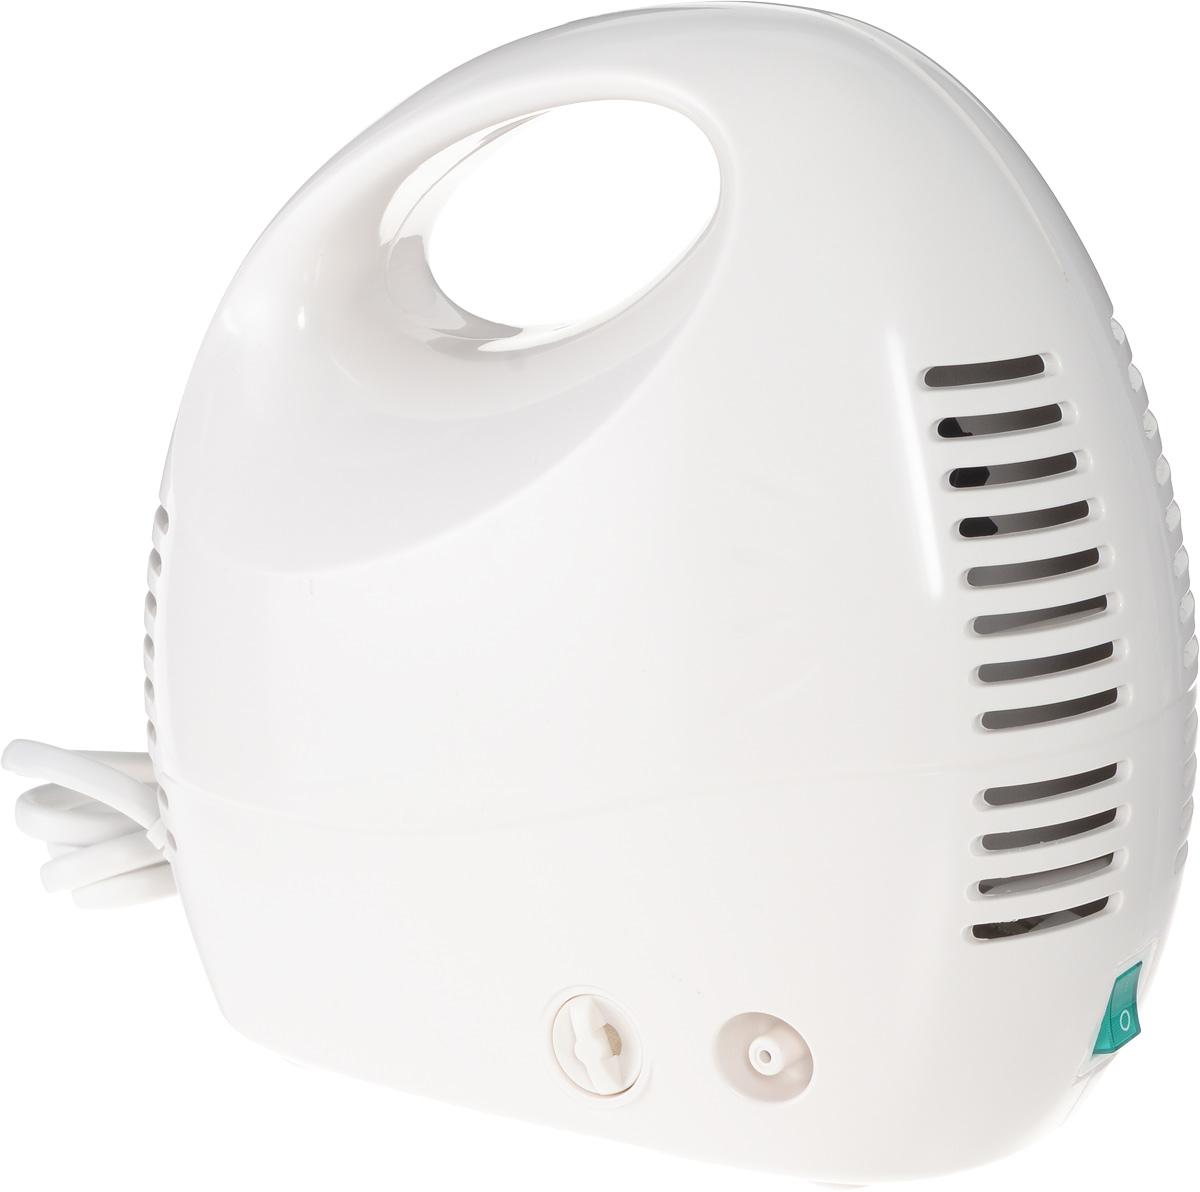 Алмаз MCN-600МА Effect компрессорный ингаляторMCN-600МА (Effect)Ингалятор Алмаз MCN-600МА Effect является эффективным медицинским прибором в связи с реализацией классического принципа устройства компрессора. Ингалятор состоит из пластмассового корпуса и распылительной камеры, соединенной с ним гибким шлангом. В корпусе установлен поршневой компрессор, который создает избыточное давление воздуха, подаваемого по гибкому шлангу в распылительную камеру. Конструктивно камера - это пластмассовая емкость для лекарства с устройством для его распыления потоком воздуха. Данная модель предназначена для профилактики и лечения различных заболеваний дыхательных путей с помощью ингаляций. Прибор создает мелкодисперсный аэрозоль из водорастворимых лекарственных препаратов для проведения ингаляций. Частицы аэрозоля имеют размер в среднем, 3 мкм, благодаря чему они достигают различных отделов дыхательных путей. Образование аэрозоля в ингаляторе происходит при прохождении потока воздуха под давлением, создаваемым компрессором,...